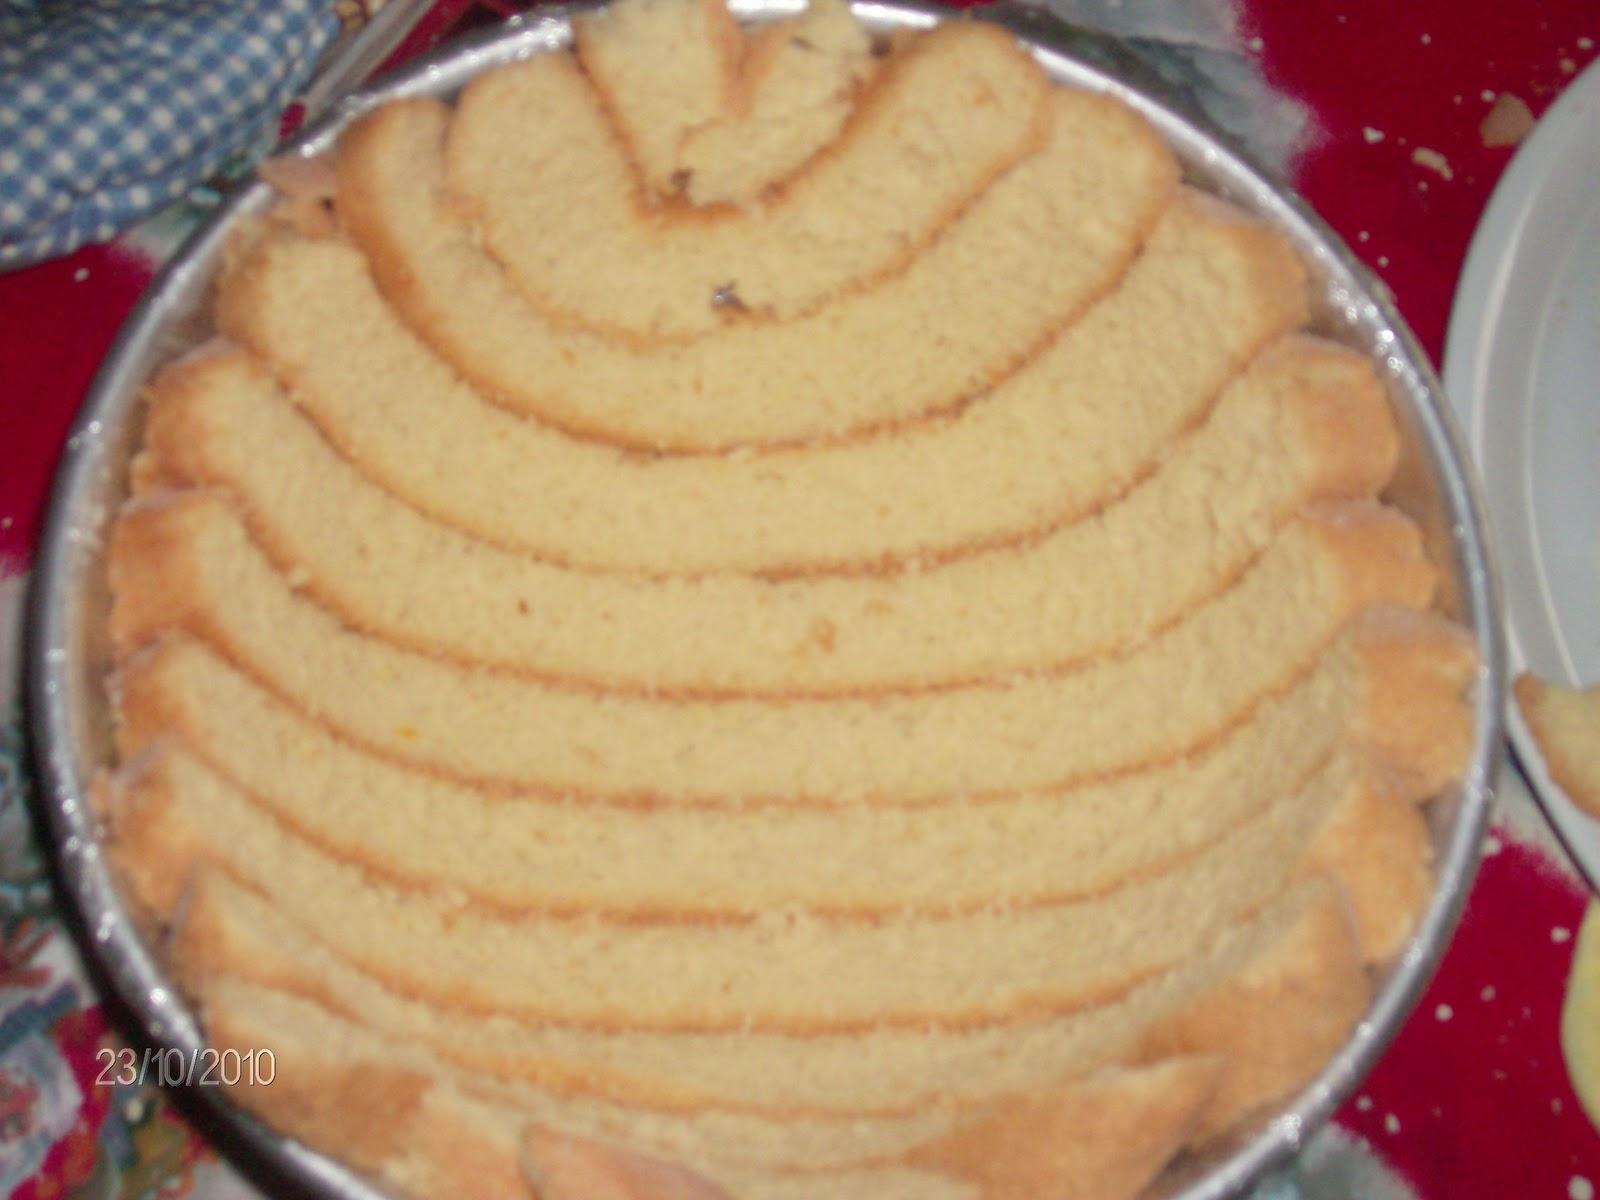 I dolci di Agata... e non solo !!!: Zuccotto con ricotta e scaglie ...